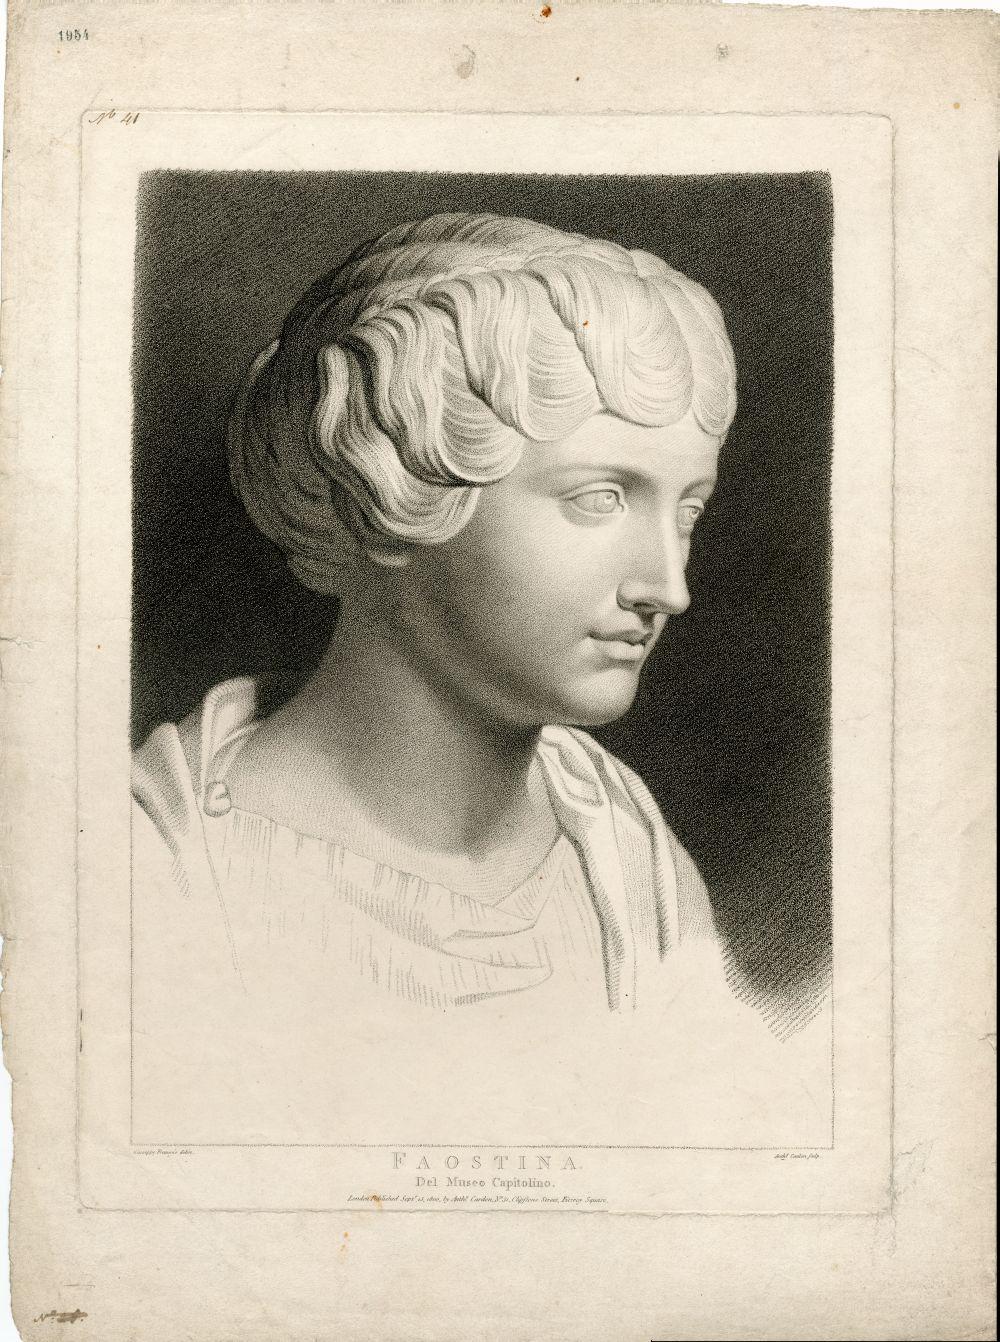 Tekenvoorbeeld van de buste Faostina